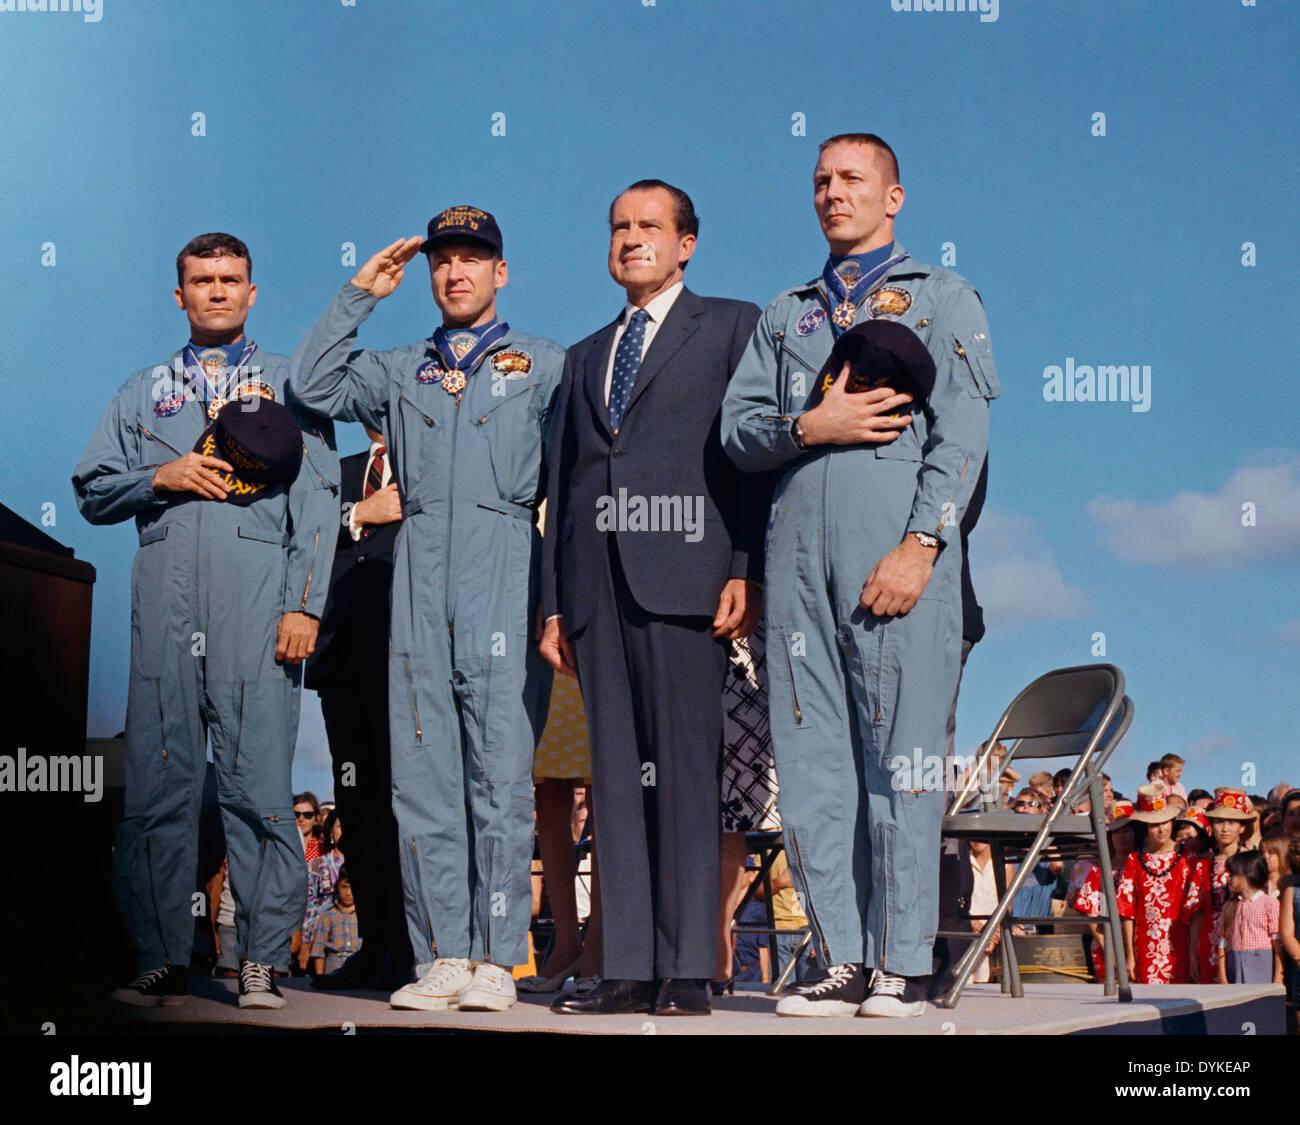 Presidente estadounidense Richard M. Nixon y los astronautas del Apolo 13 stand en la atención antes de ser presentado con la Medalla Presidencial de la libertad durante una ceremonia en la post-misión Hickam Air Force Base, del 18 de abril de 1970 en Honolulu, Hawaii. L A R: Fred W. Haise Jr., James A. Lovell Jr. y John L. Swigert Jr. El Apolo 13 tripulantes descendieron del 17 de abril de 1970, acerca de un día y medio antes de la presentación de los premios. Imagen De Stock